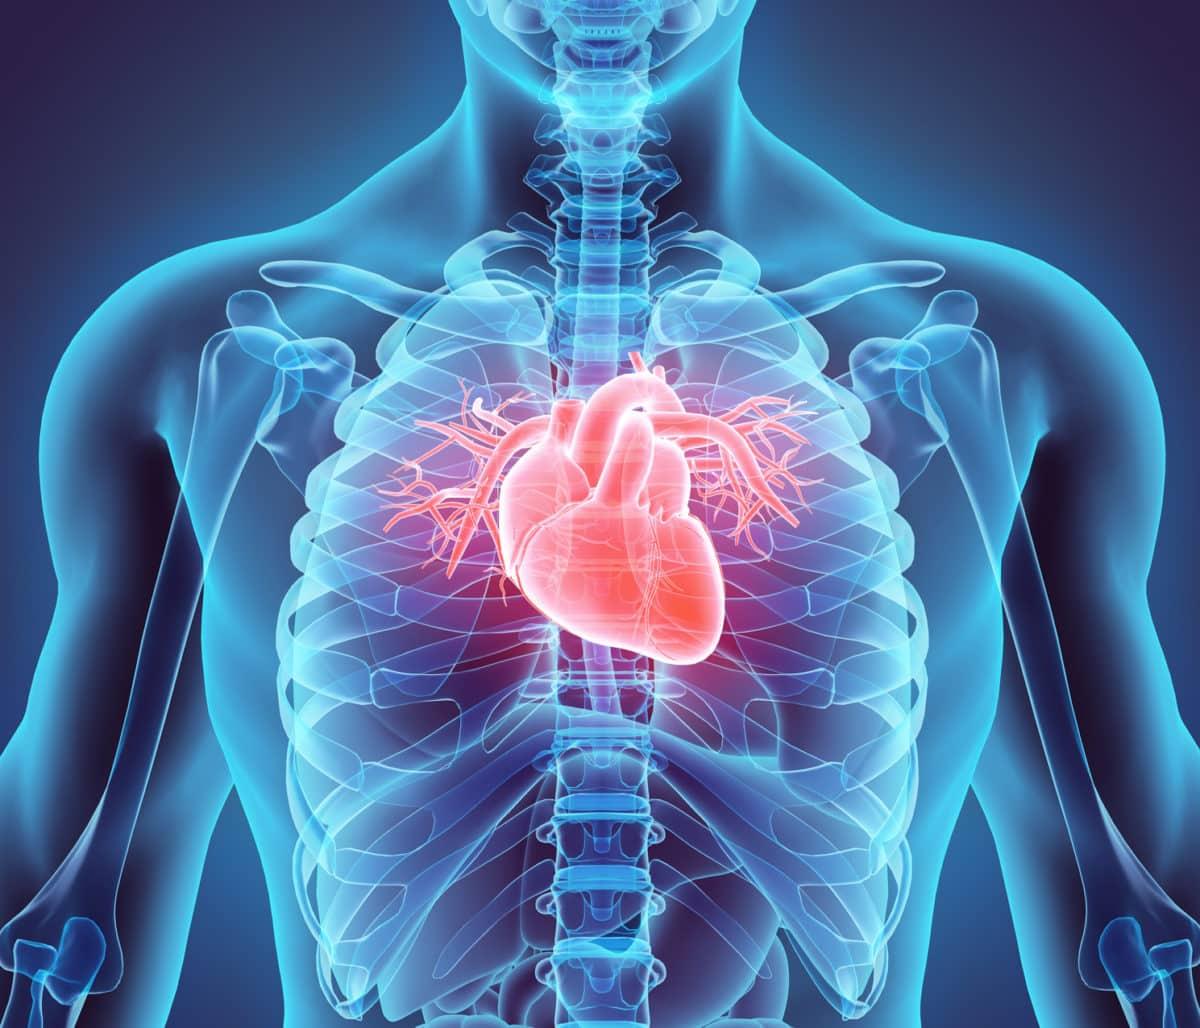 Probleme mit Herzstolpern? Wir haben jede Menge gute Tipps für dich, die du begleitend anwenden kannst. Fotolia © yodiyim